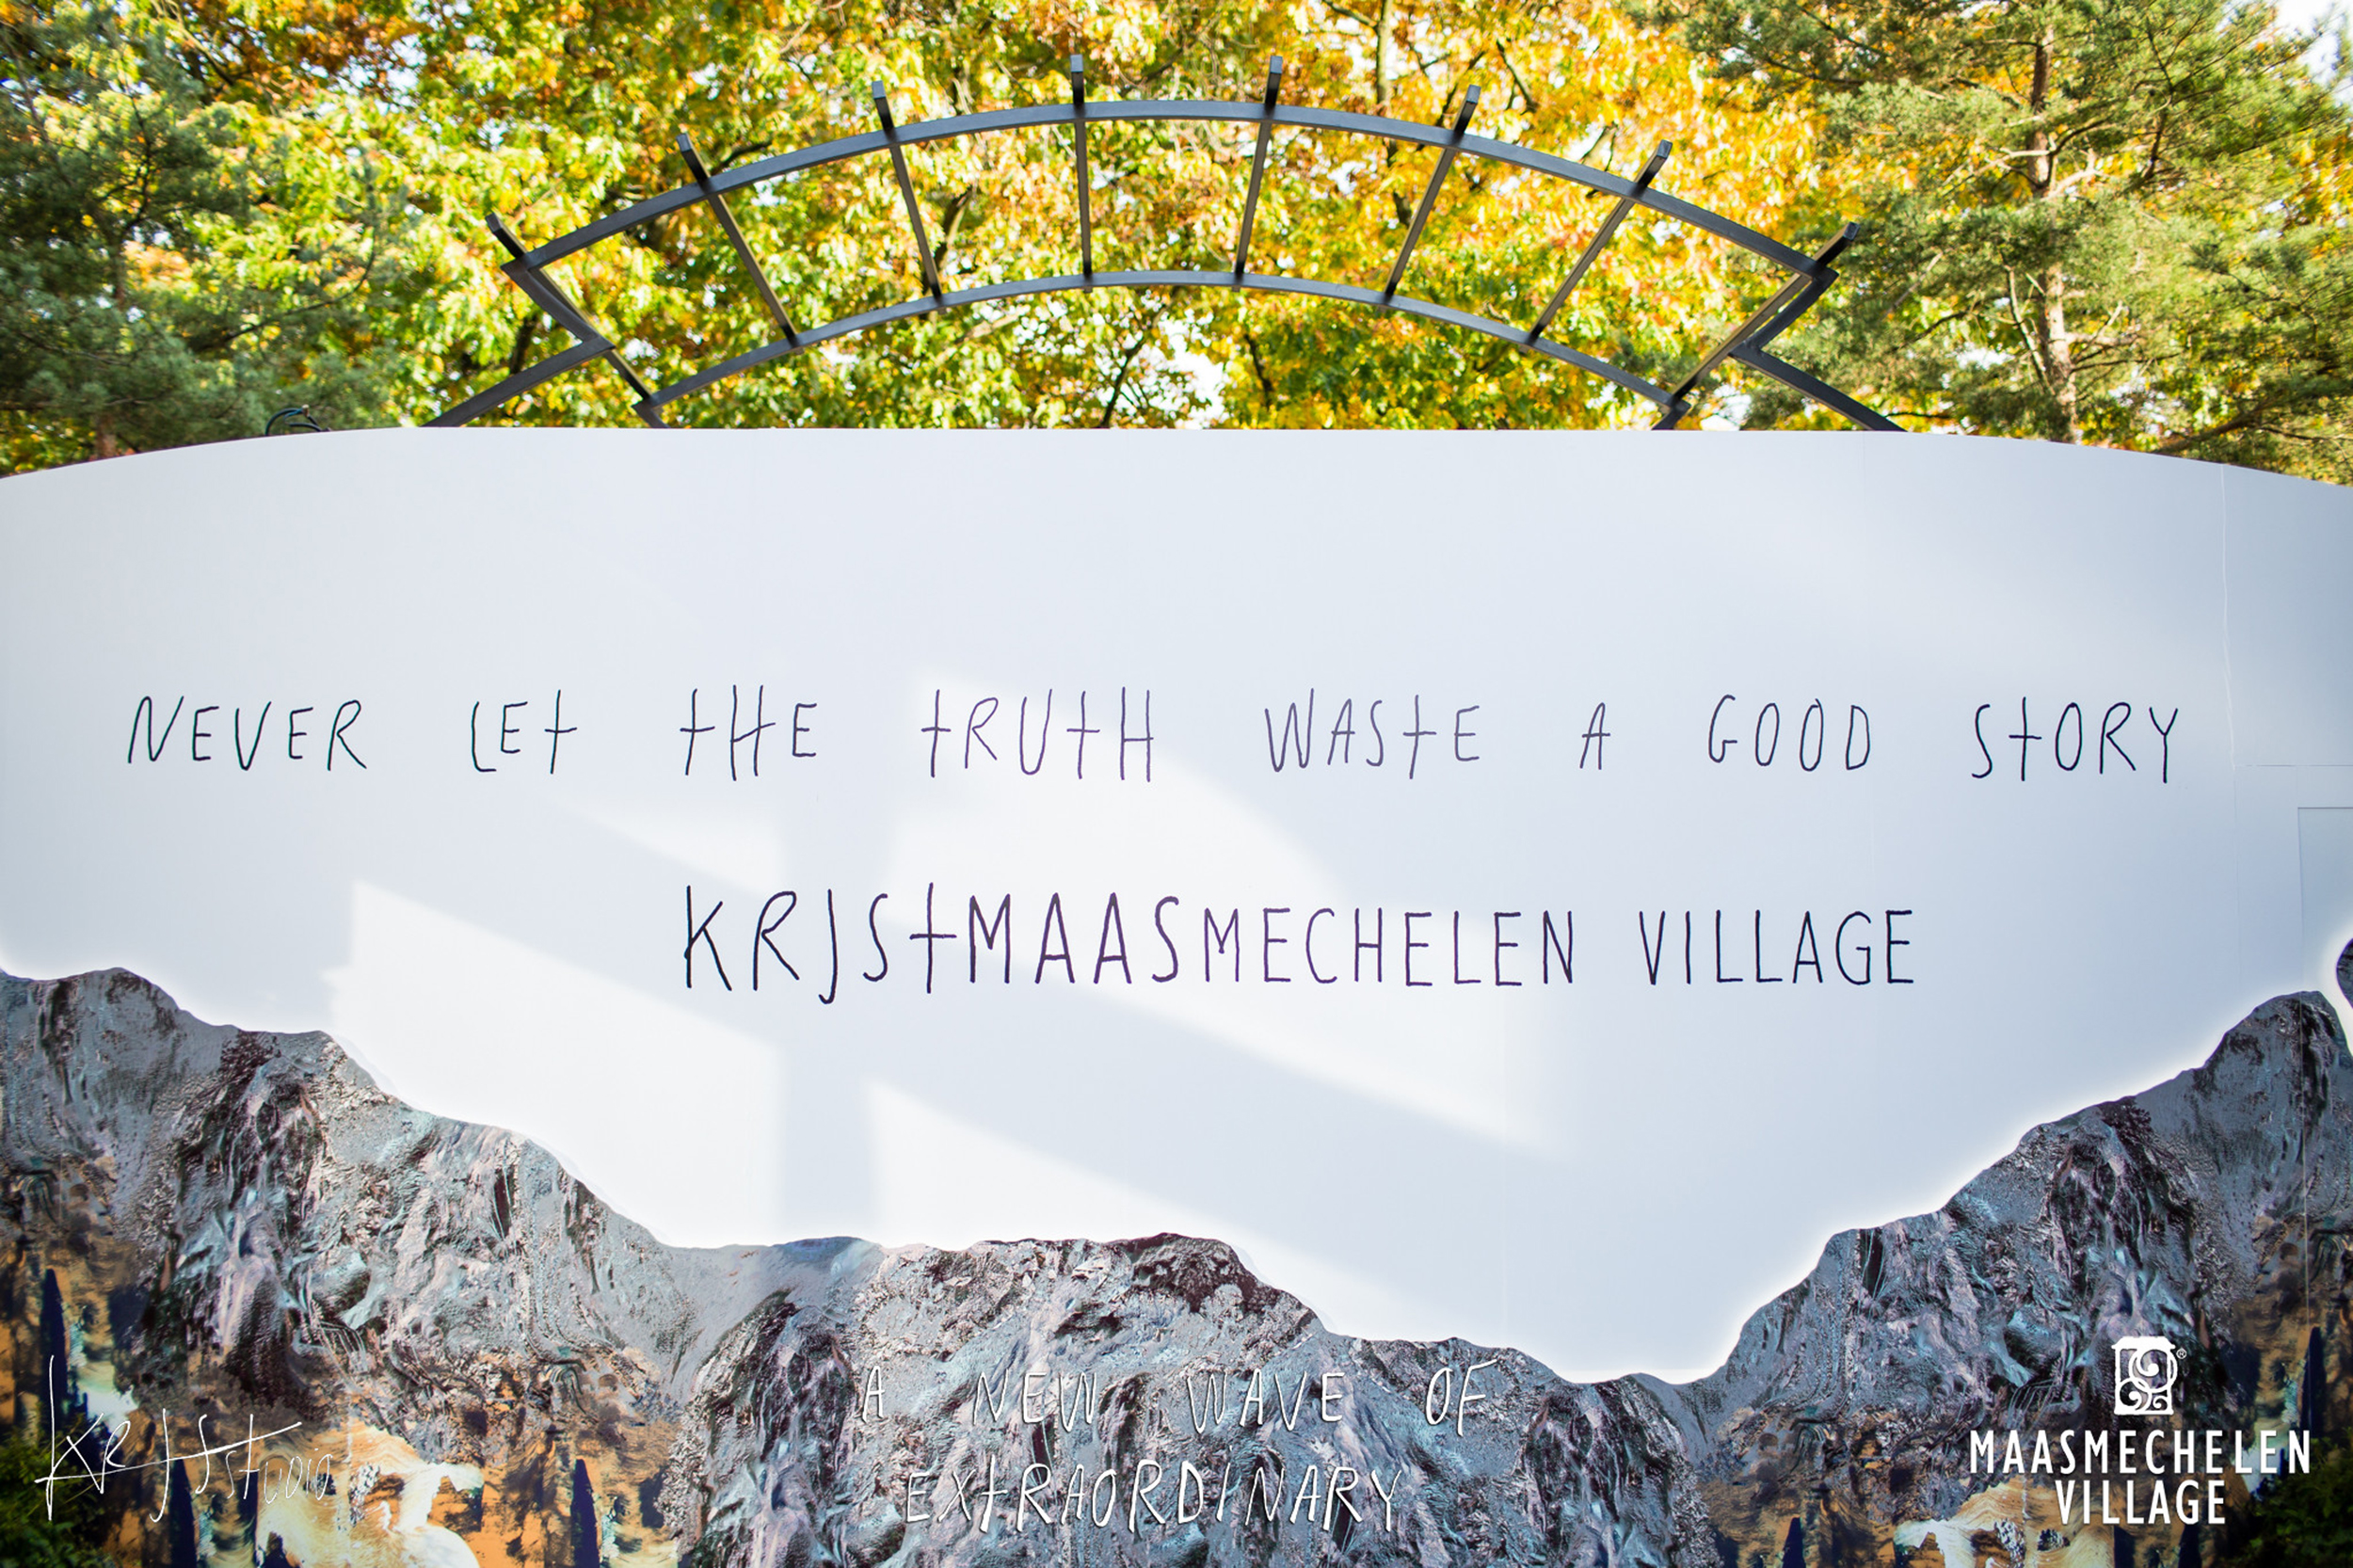 Maasmechelen Village, 2018